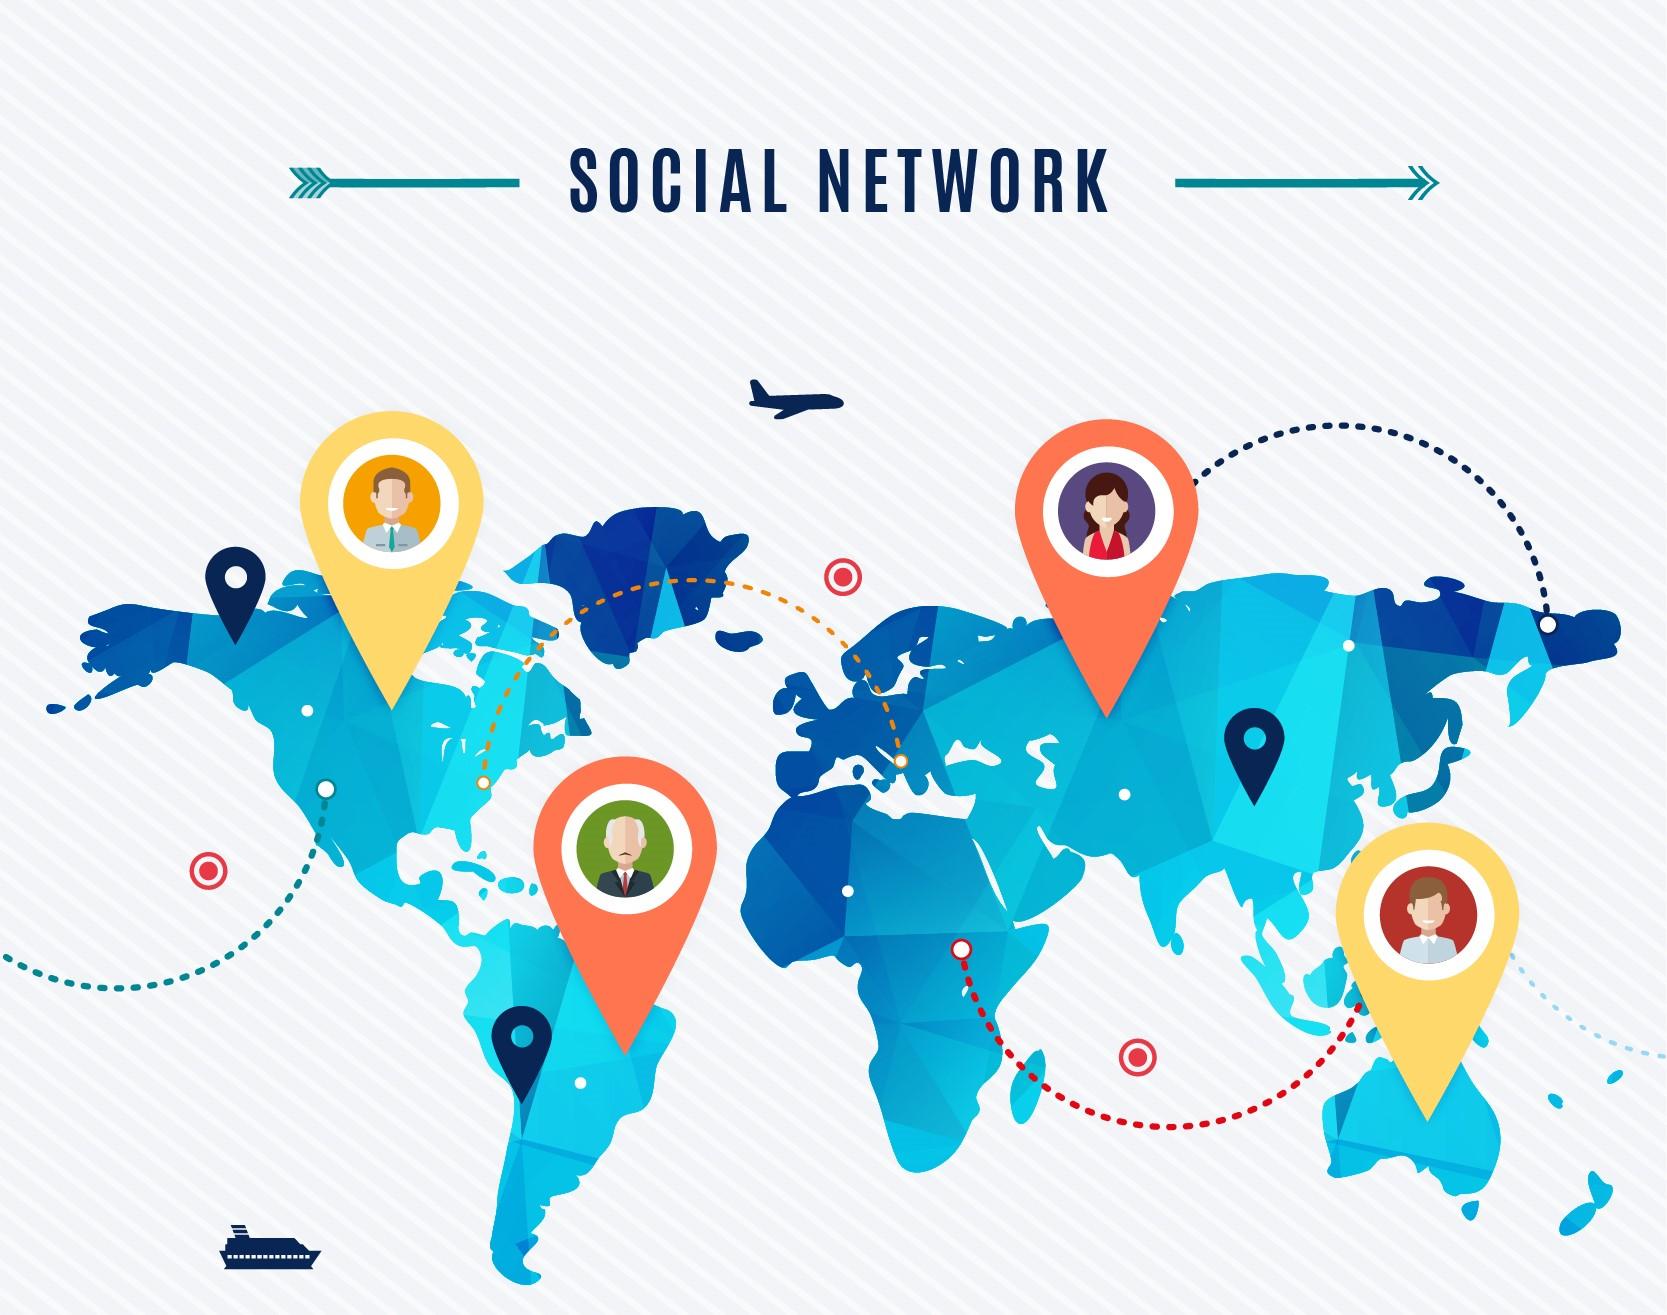 ترندهای بازاریابی شبکههای اجتماعی در سال ۲۰۱۹